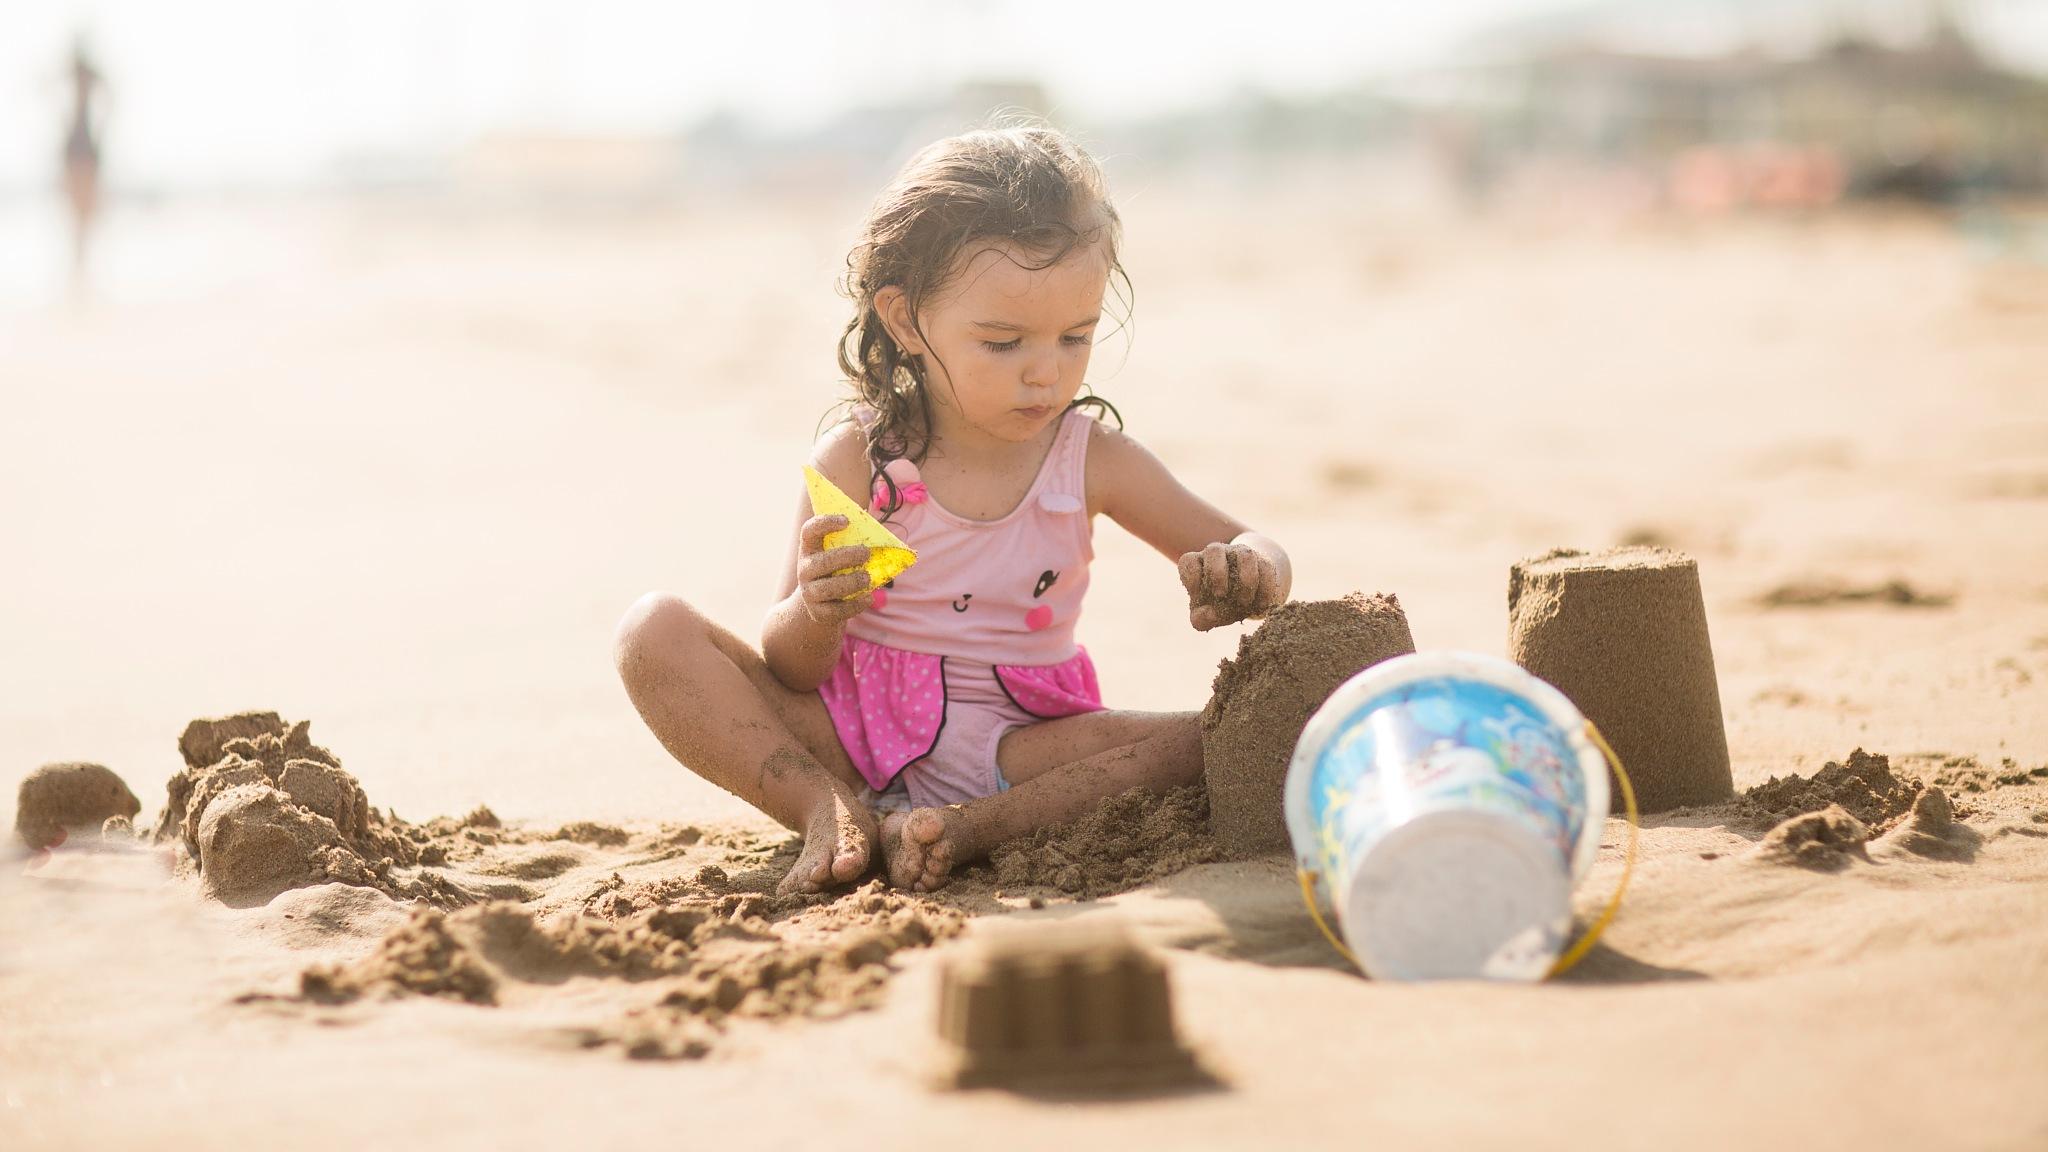 Beach game by serkan_atis